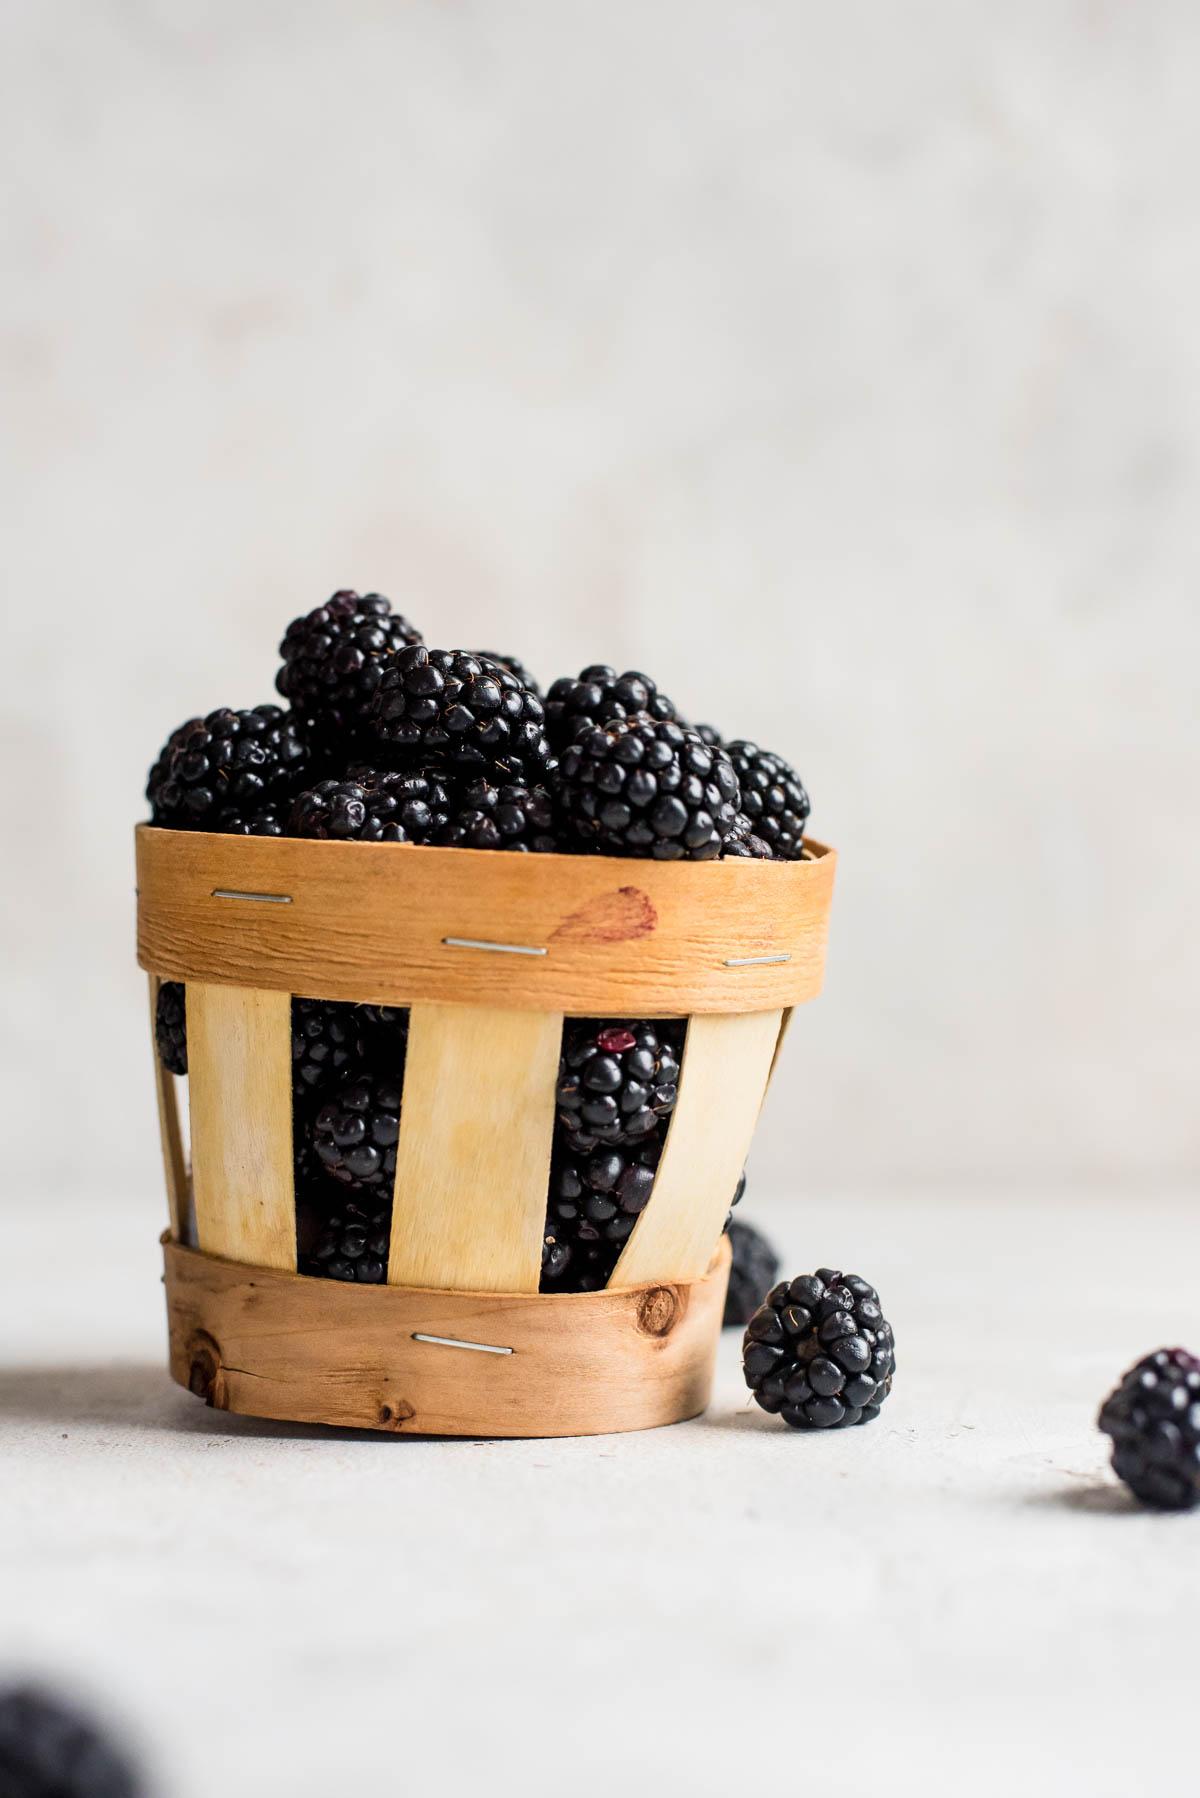 small basket of blackberries